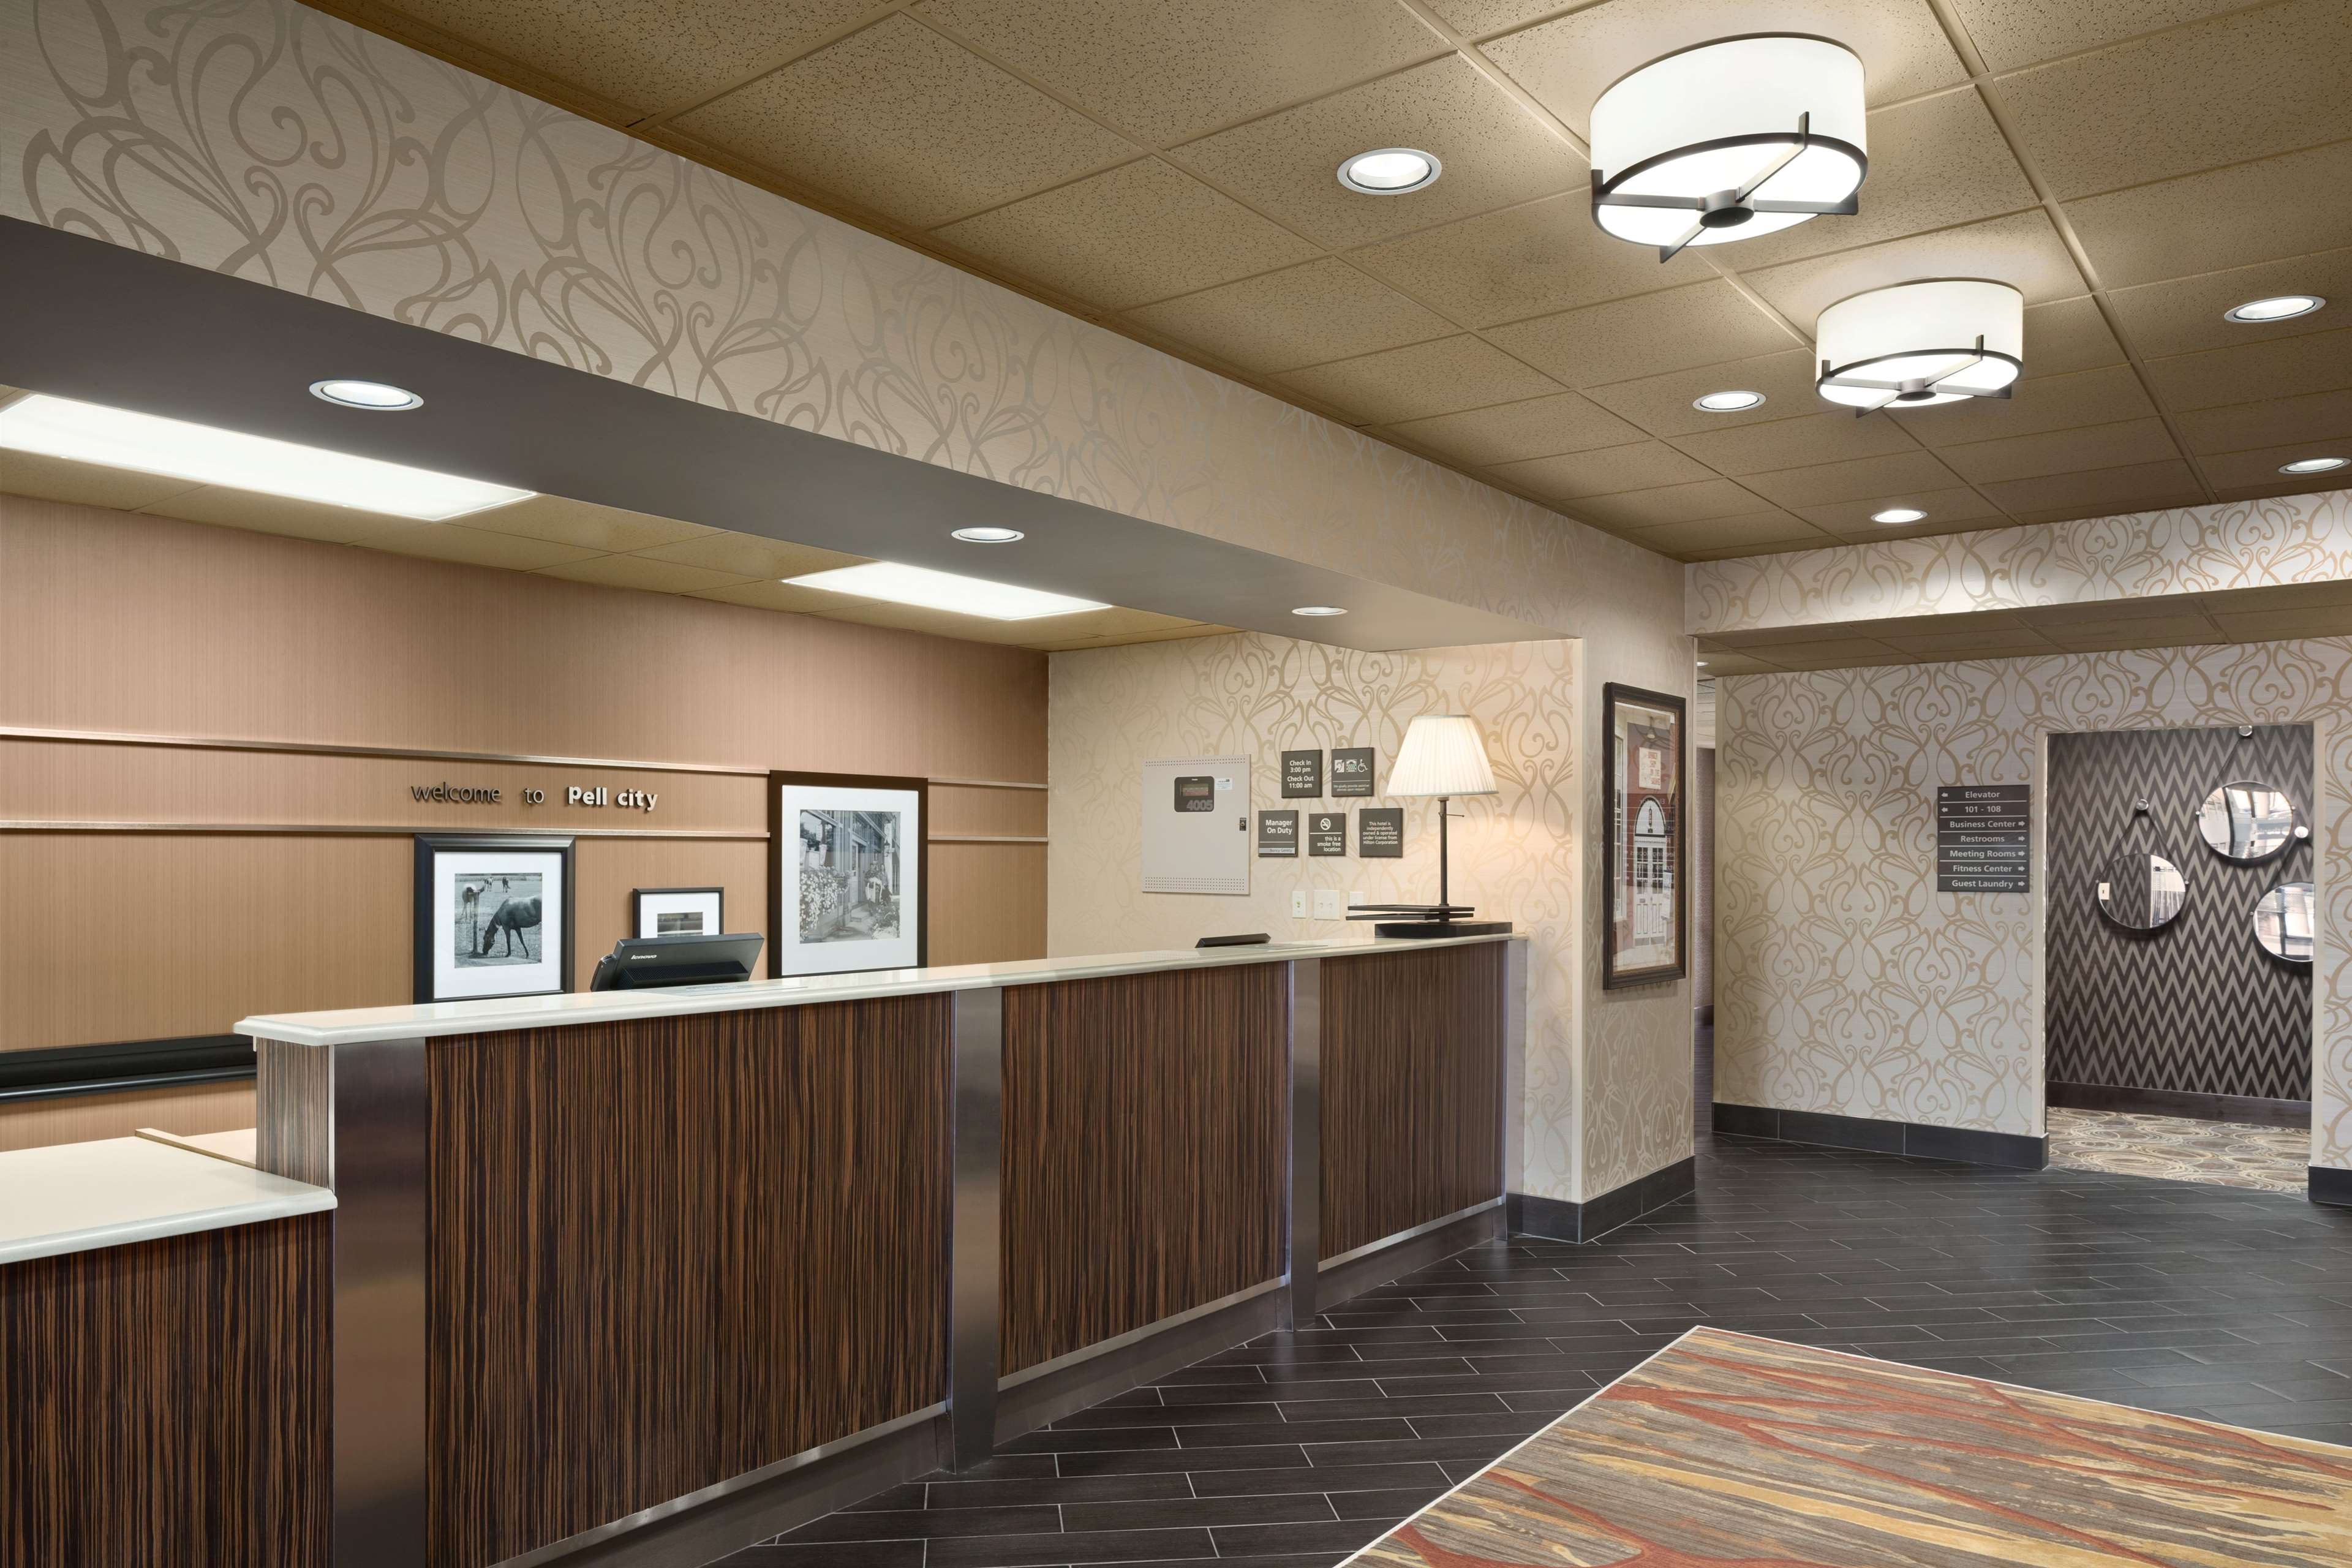 Hampton Inn Pell City image 5